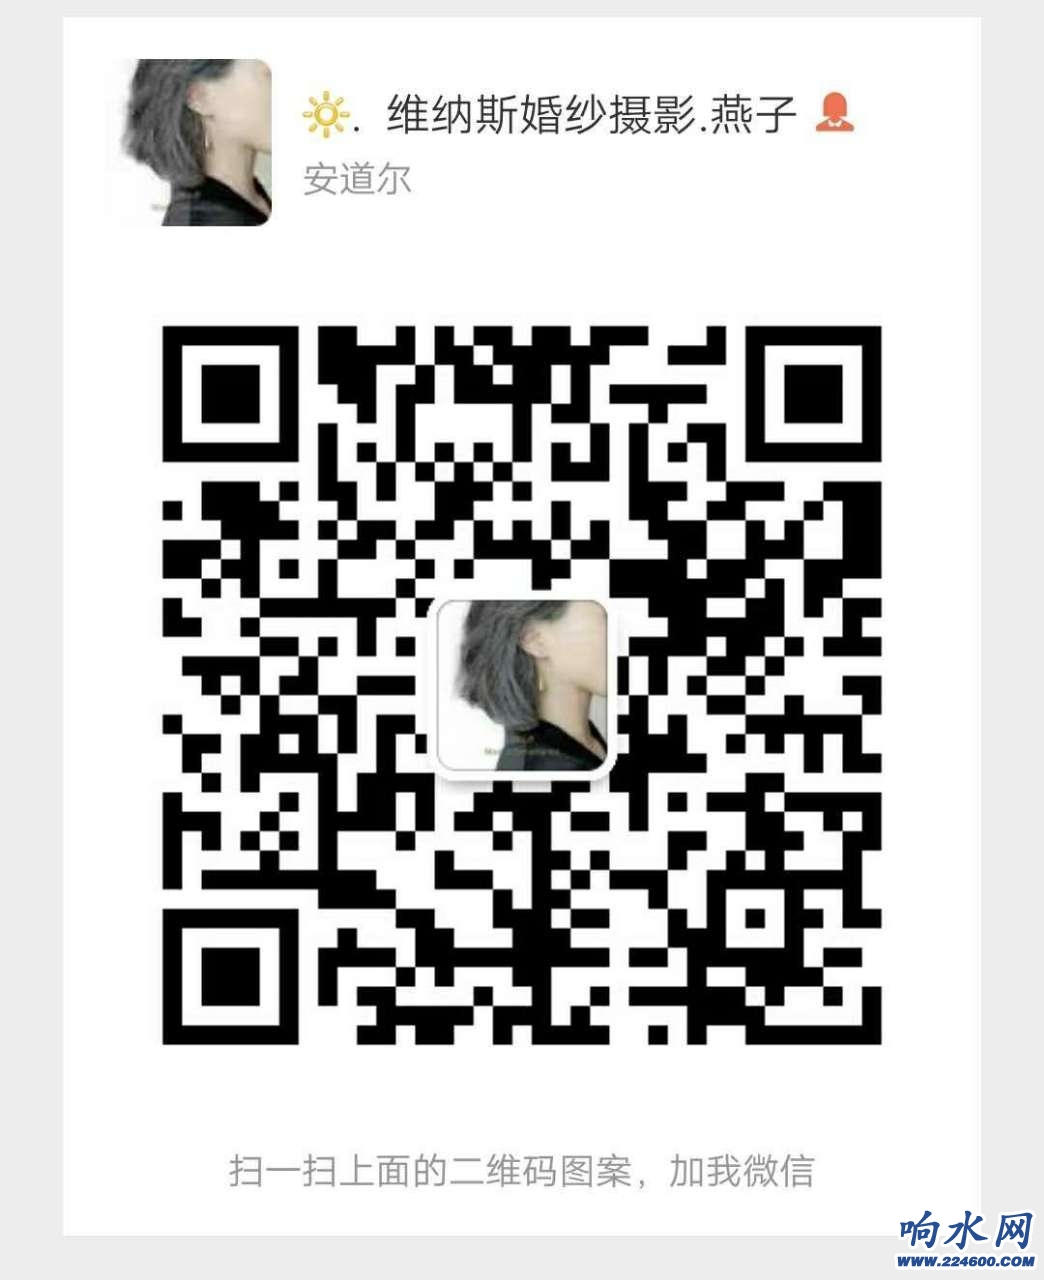 20190518_446088_1558156893081.jpg